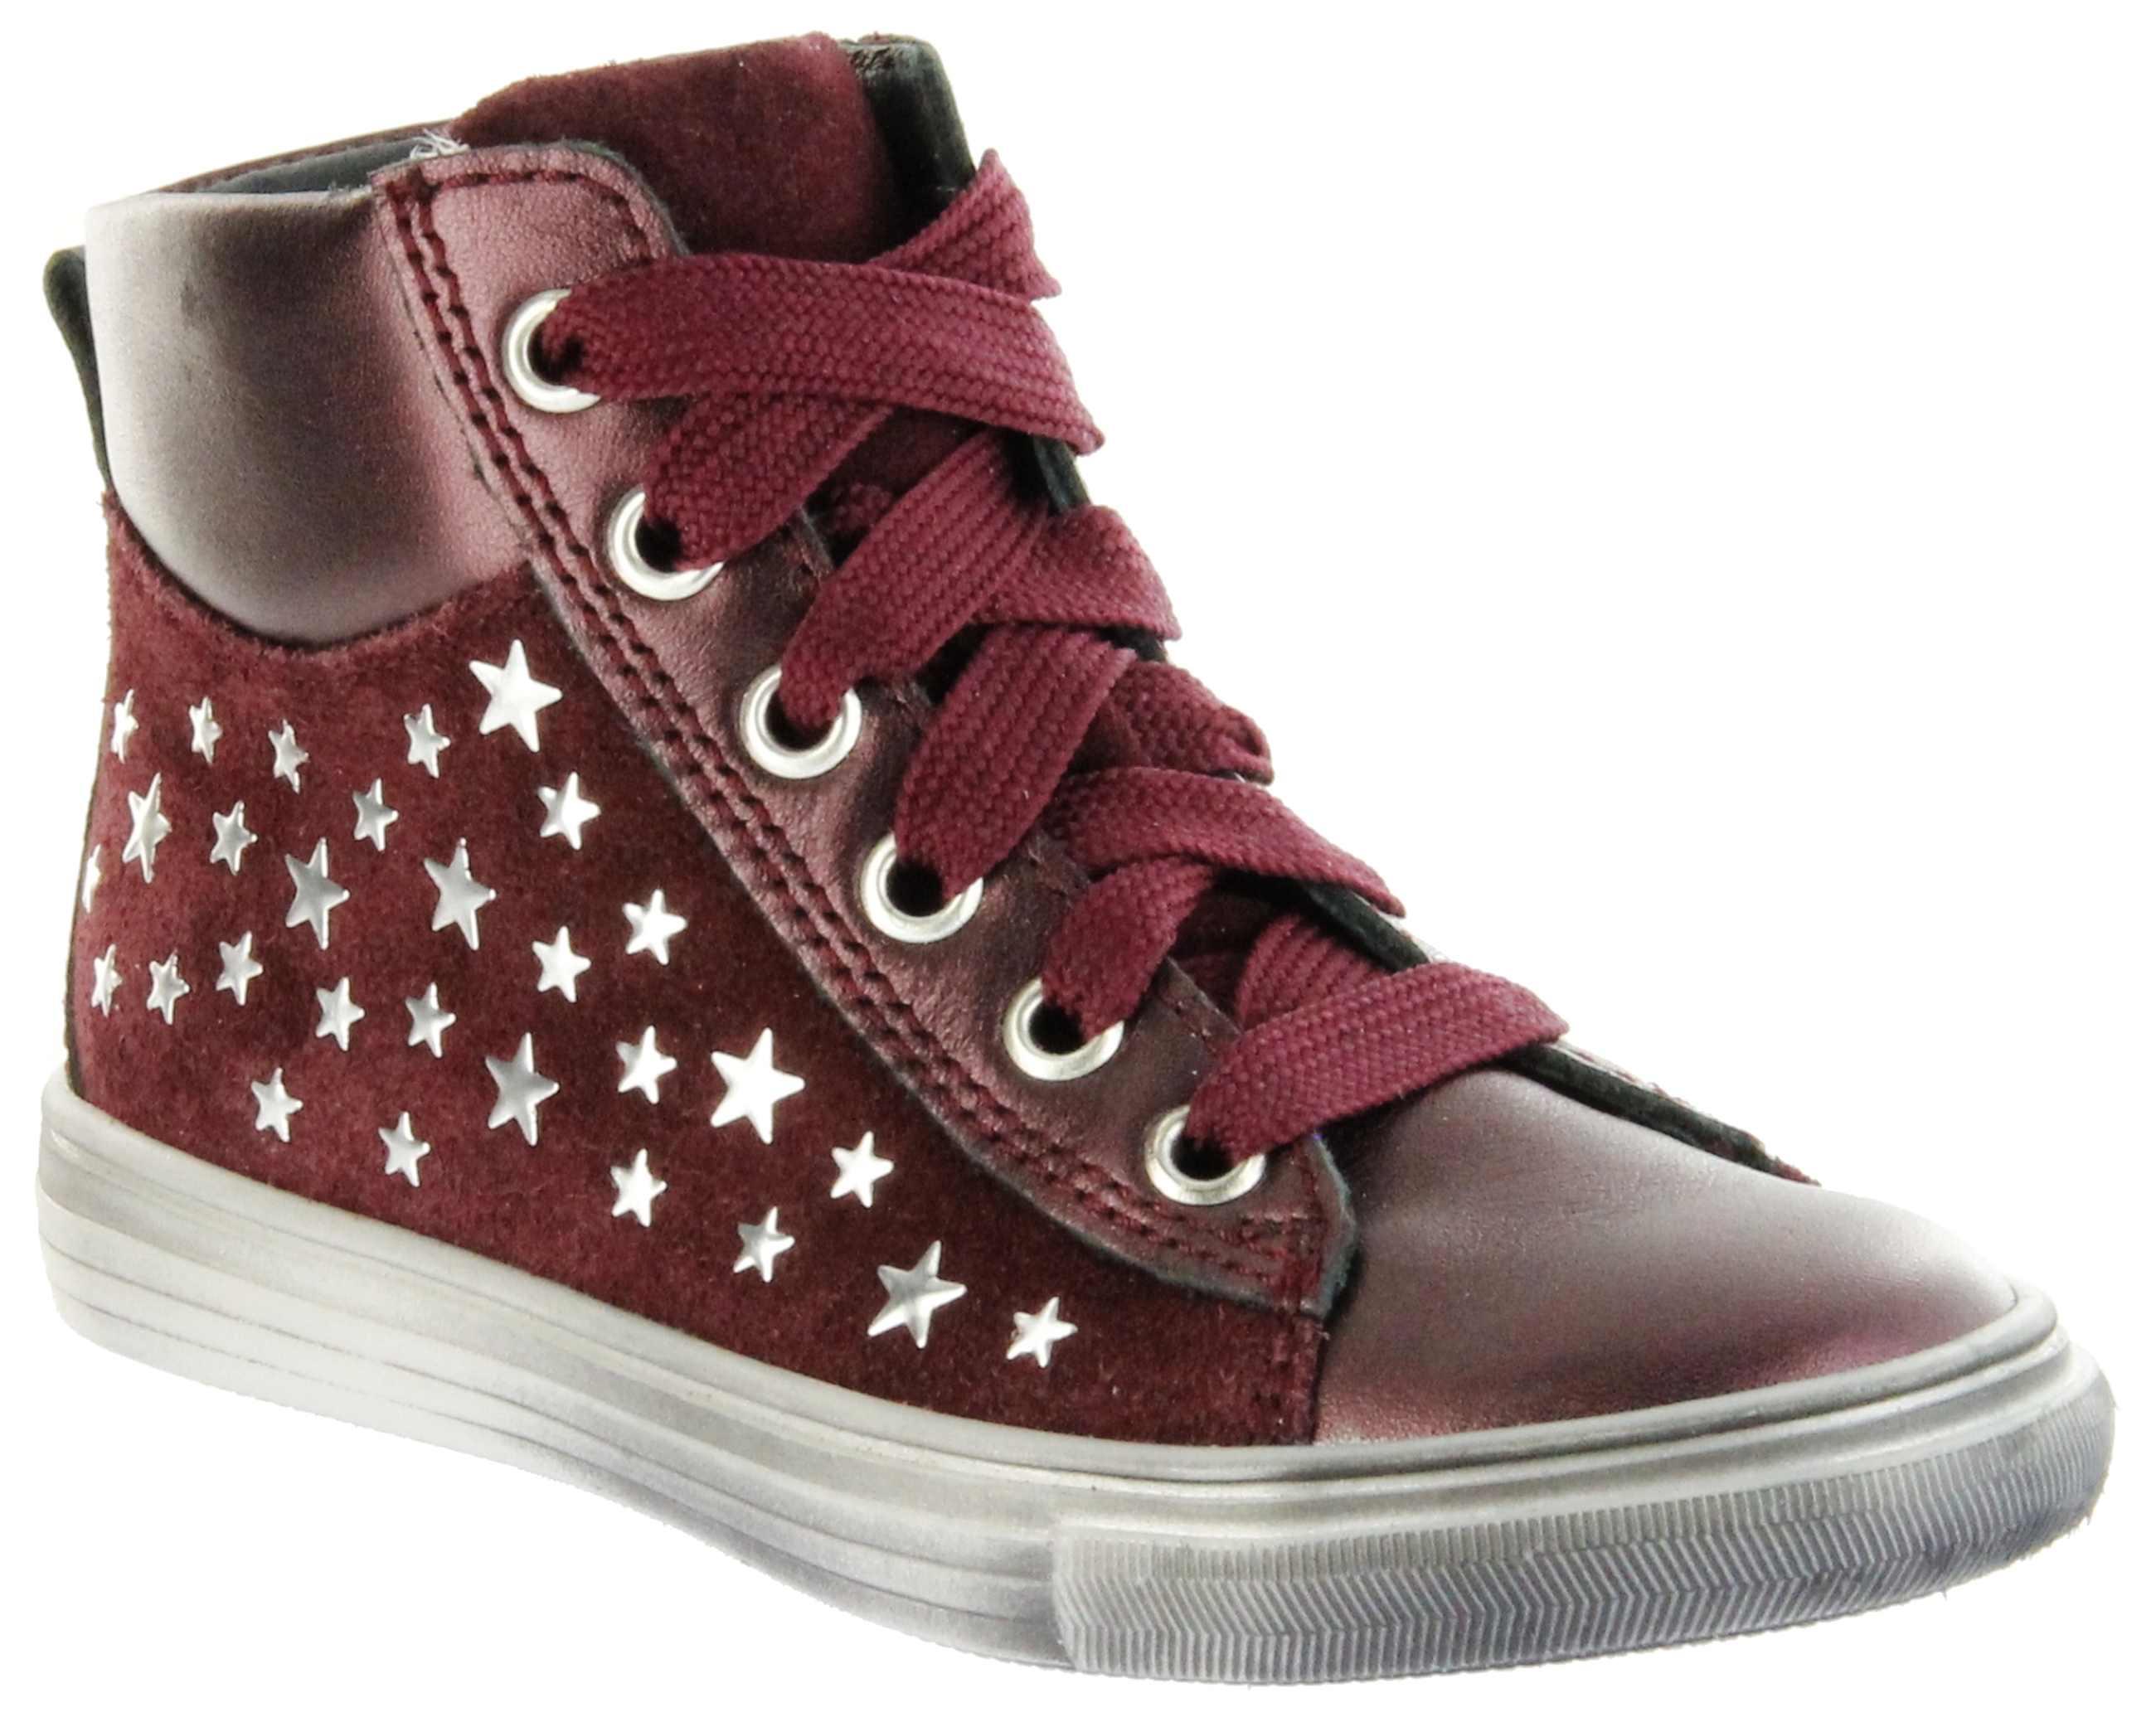 big sale 17bb7 bea32 Richter Kinder Halbschuhe Sneaker rot Metallic Velourleder Mädchen Schuhe  WMS 3142-831-7400 port Fedora